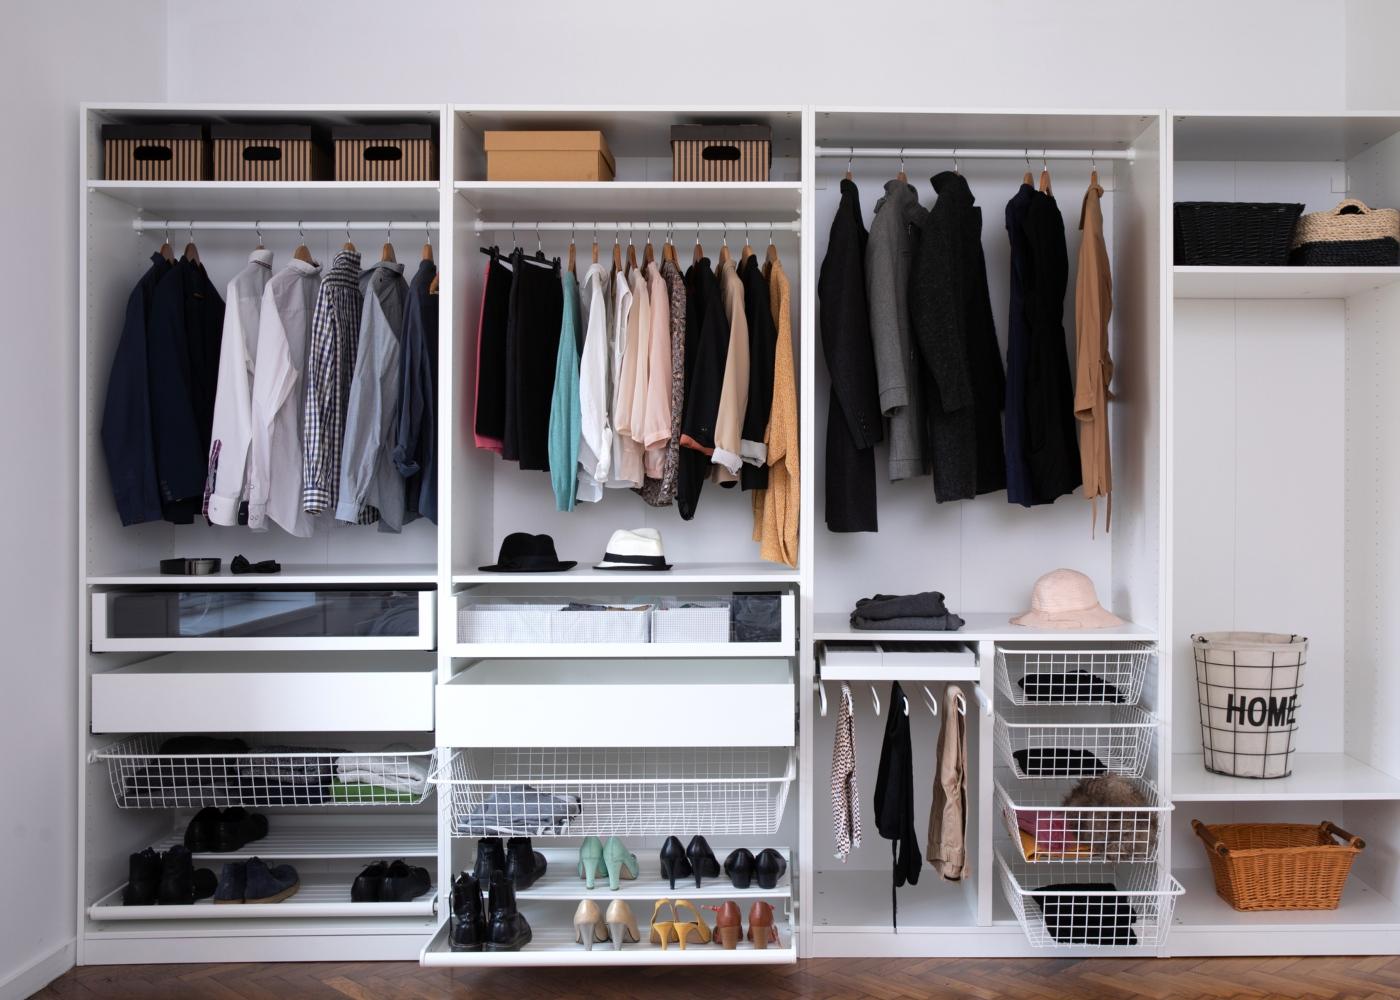 Quer arrumar seu closet? Siga as dicas de como organizar